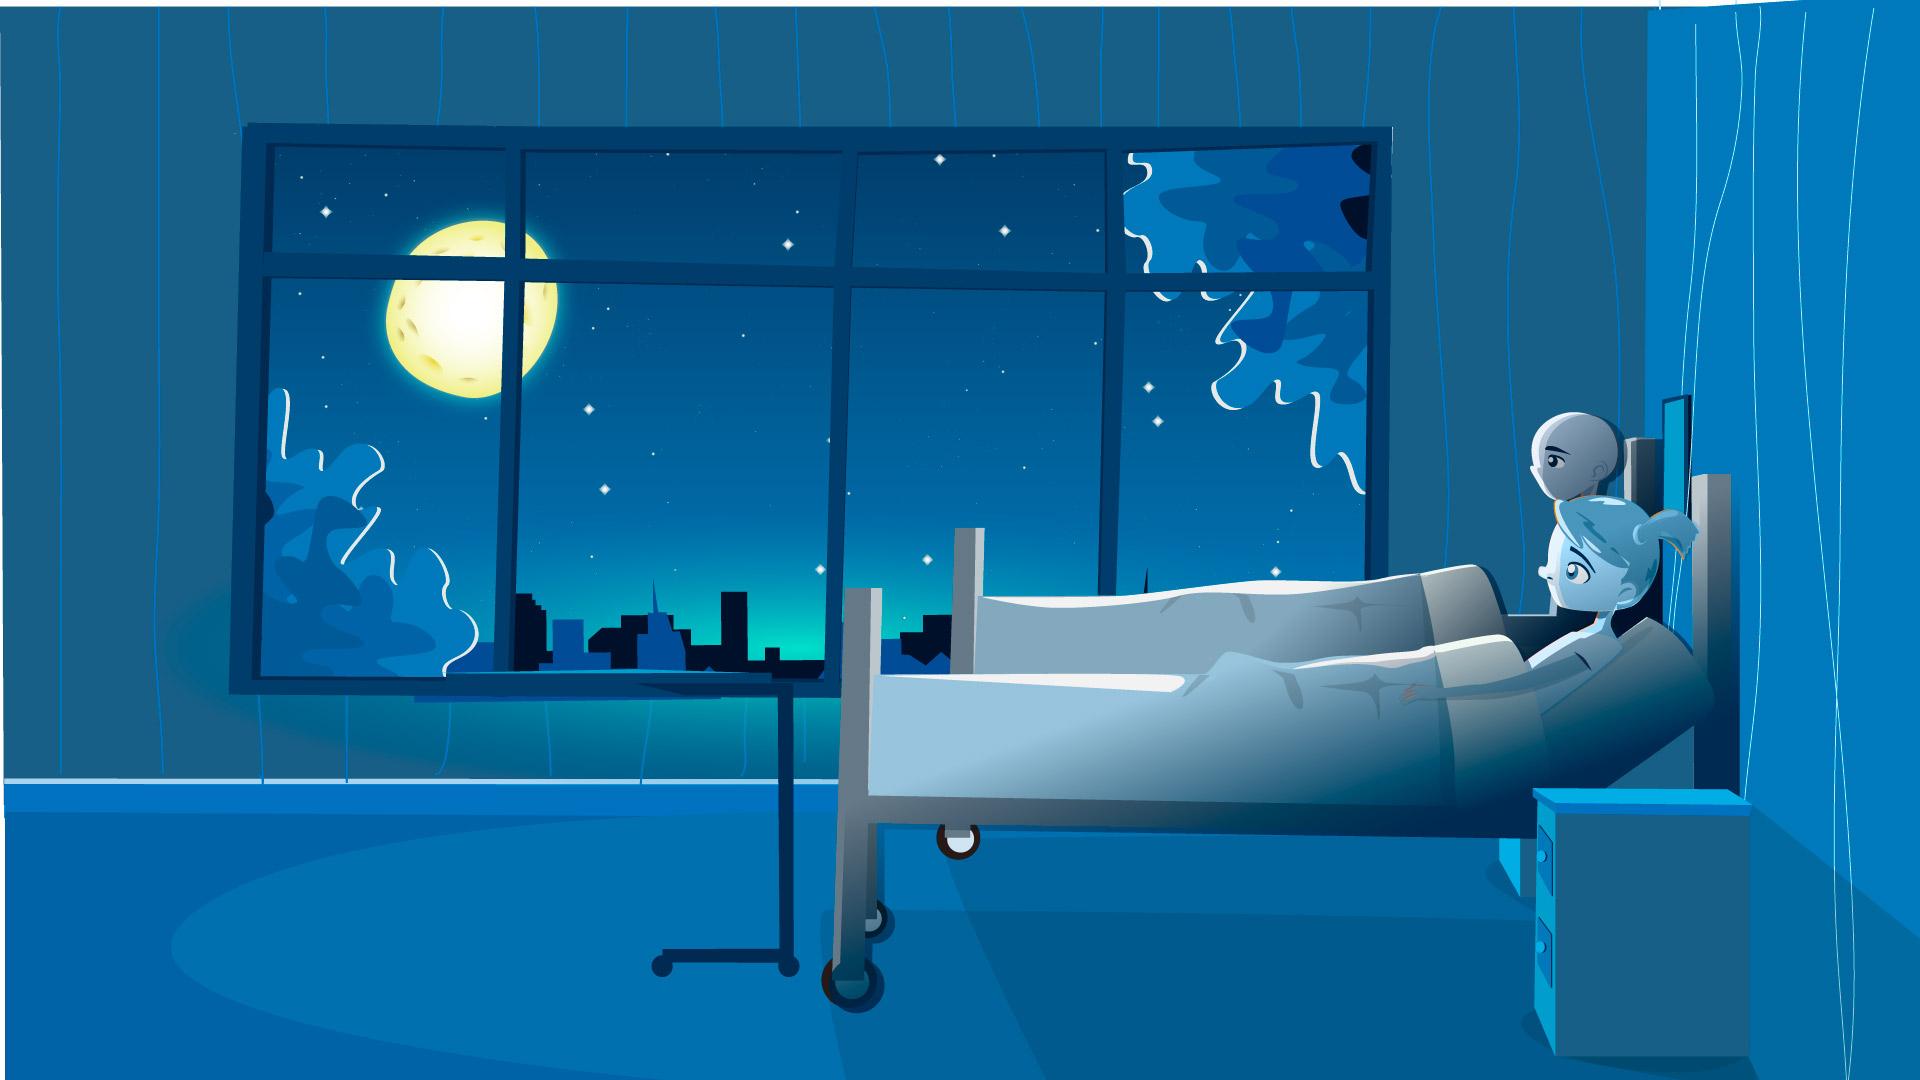 habitacion-noche